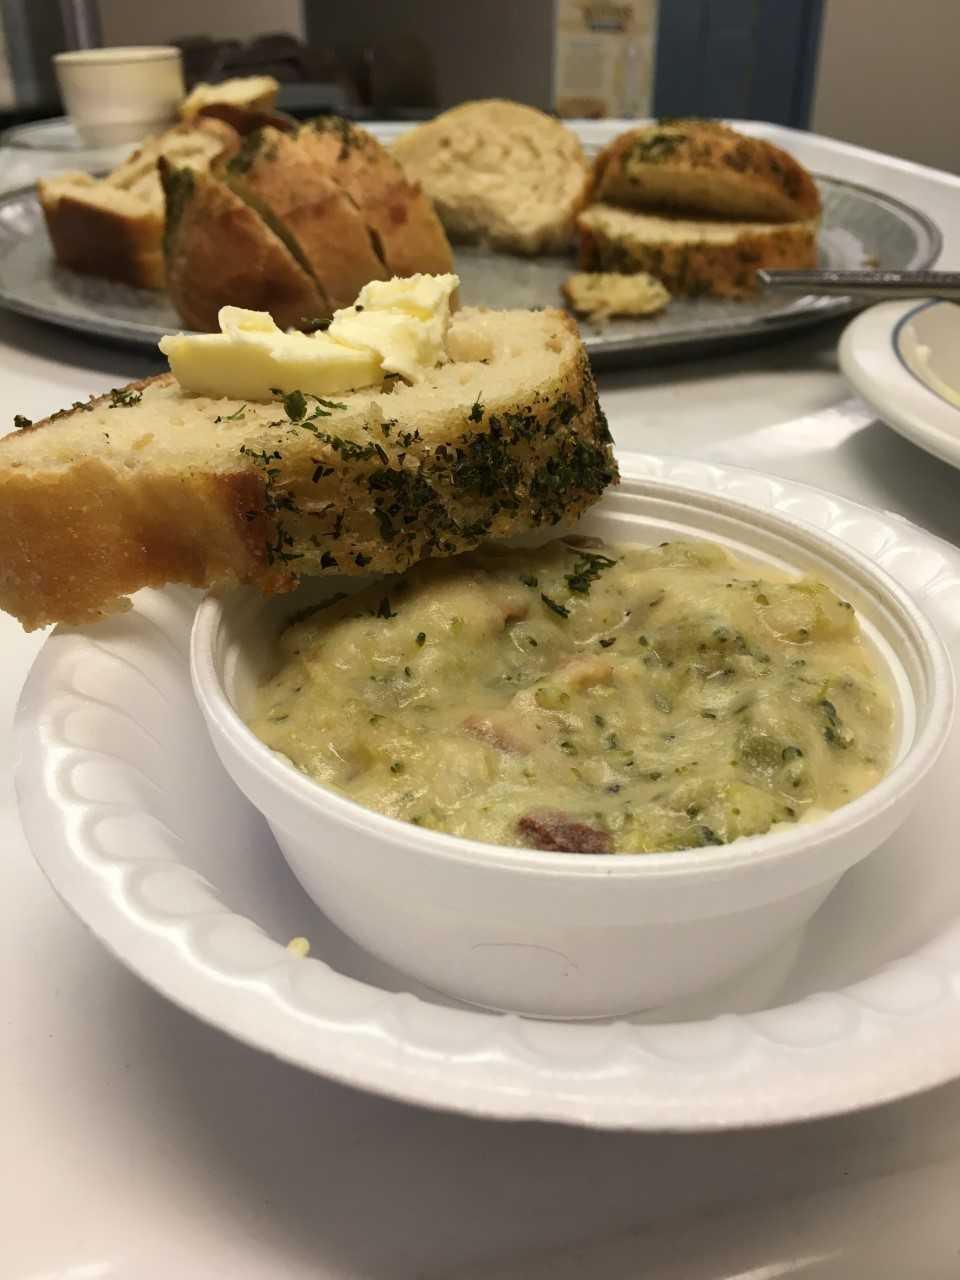 Brocolli Cheddar Chowder with Gooder Garlic Bread